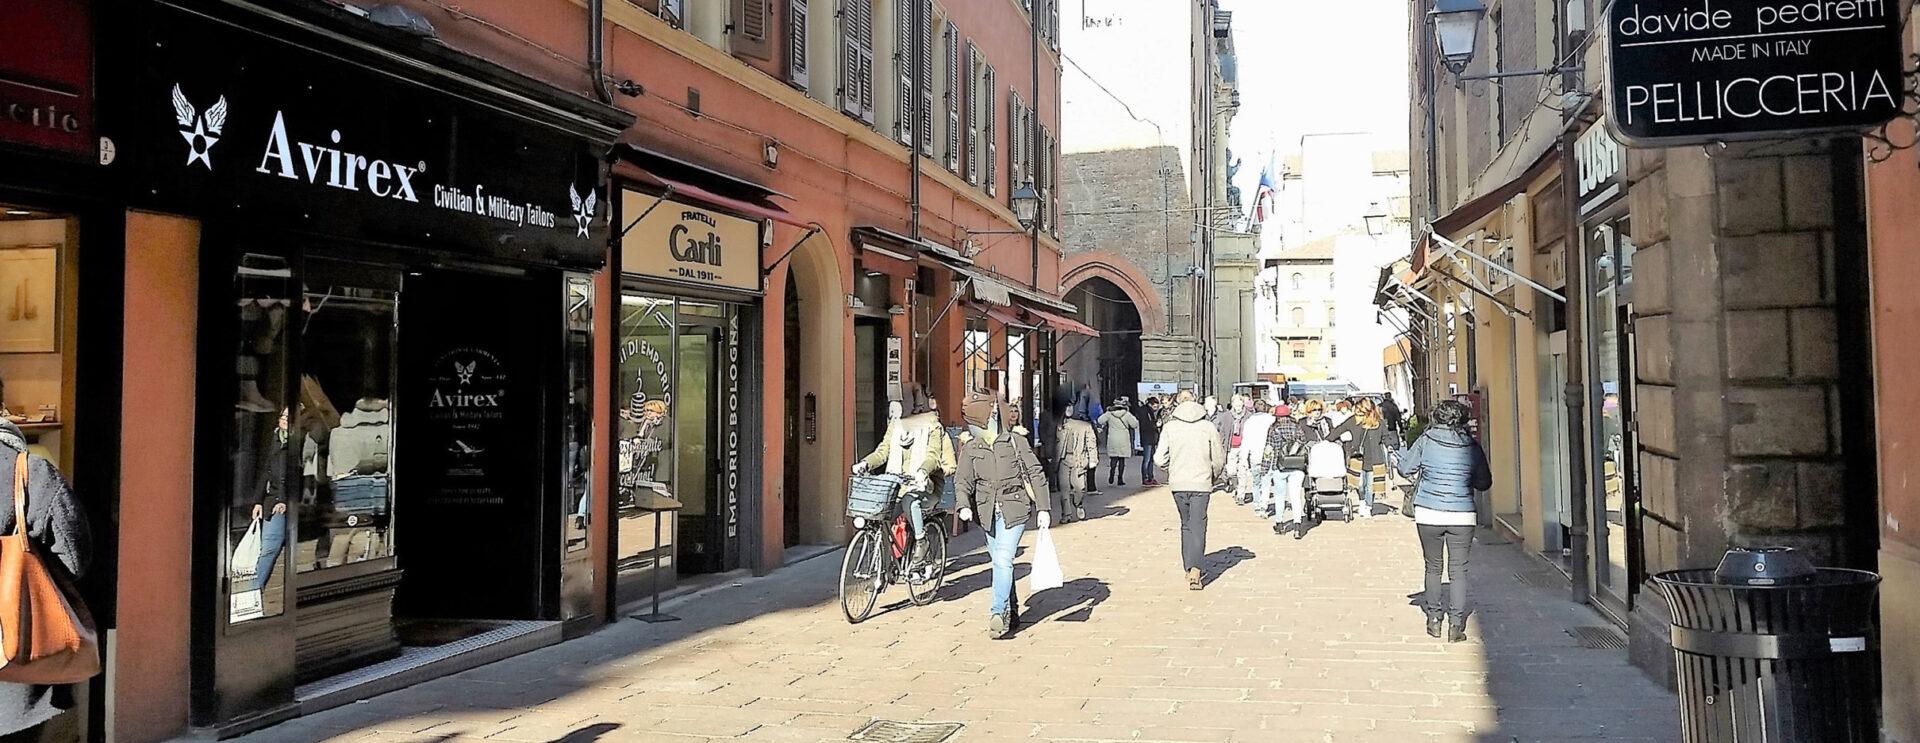 strada bologna_